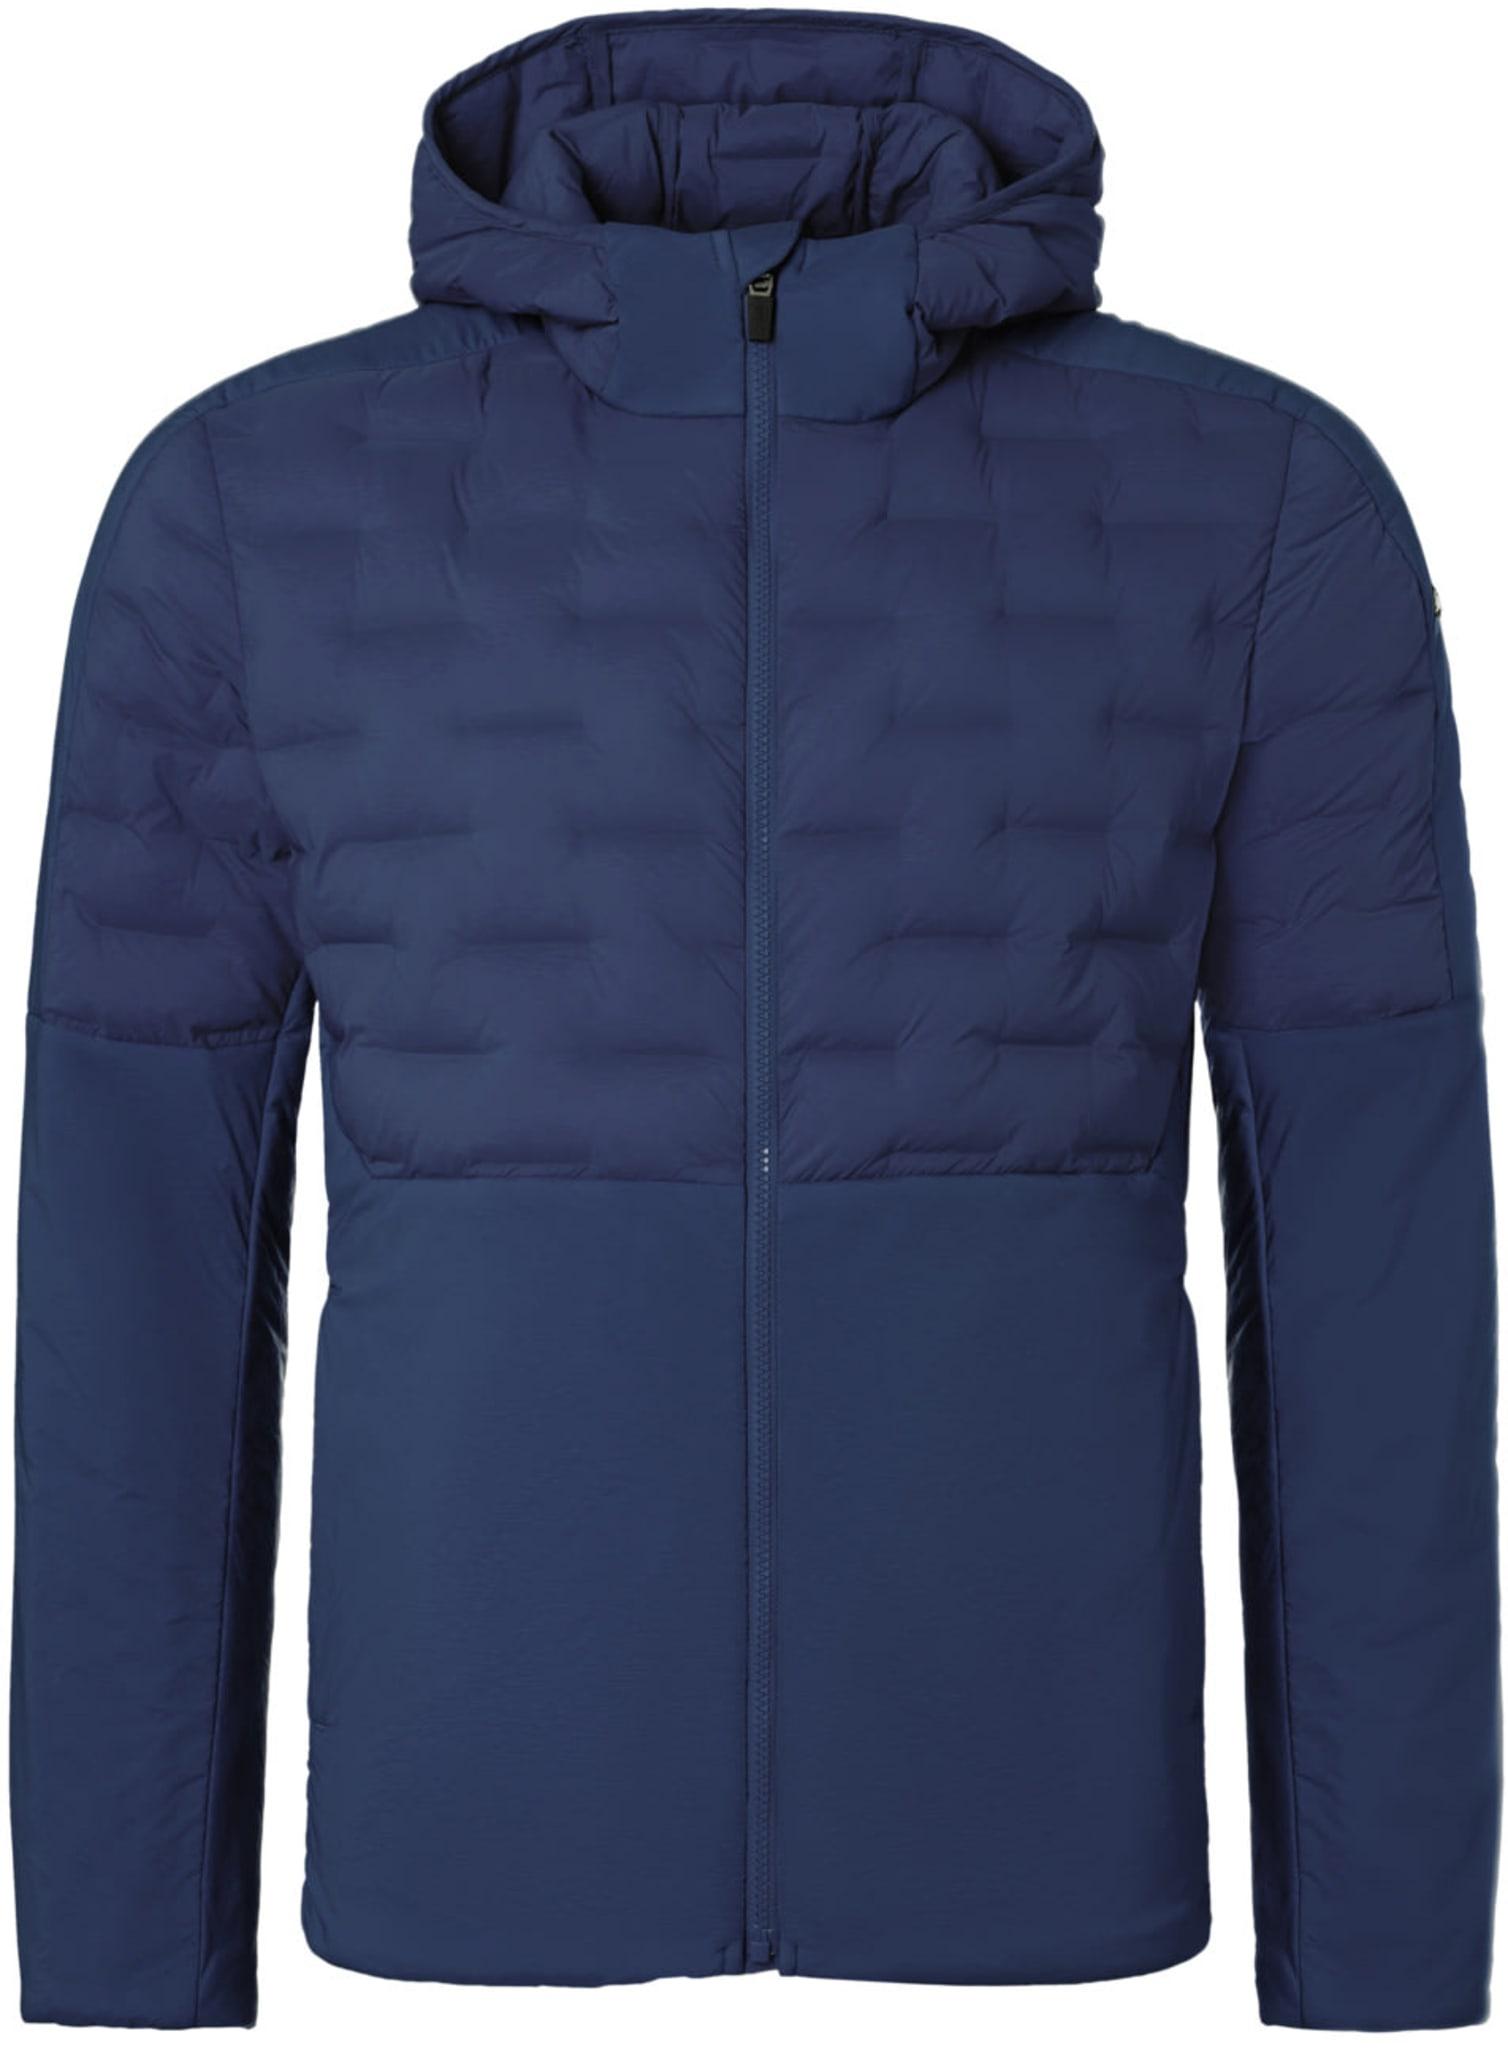 Blackcom Hood Insulated Jacket M